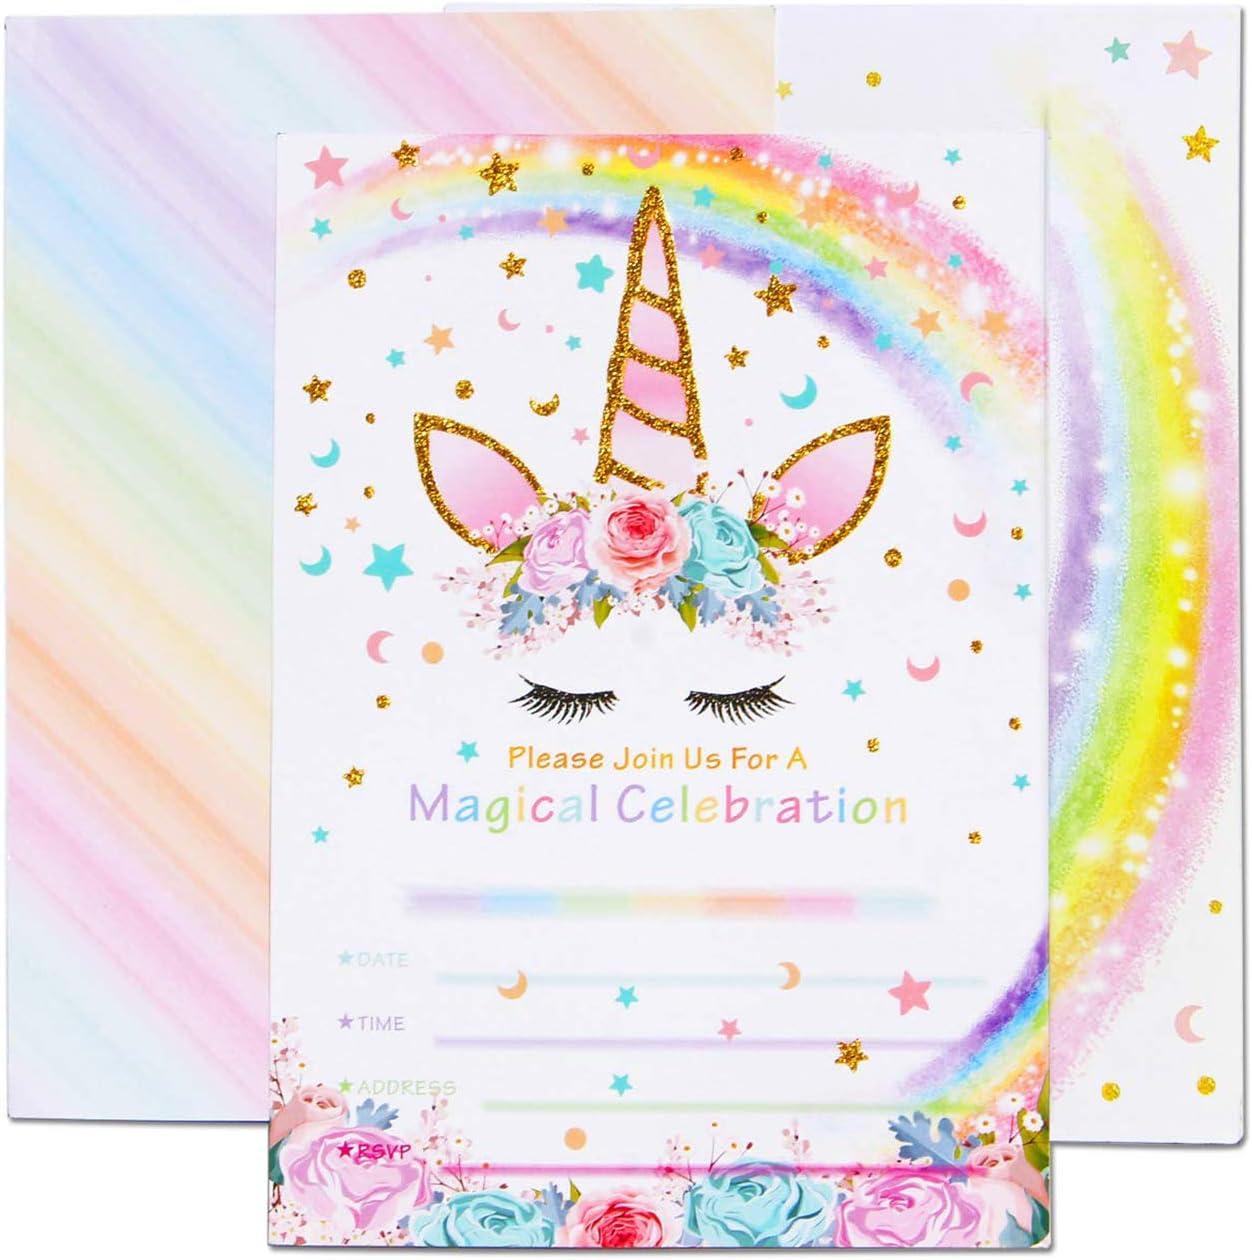 AMZTM Invitaciones con Sobres para la Fiesta de Cumpleaños Baby Shower Decoraciones Accesorios de Unicornio Arcoiris para Niños Chicas Juego de 20